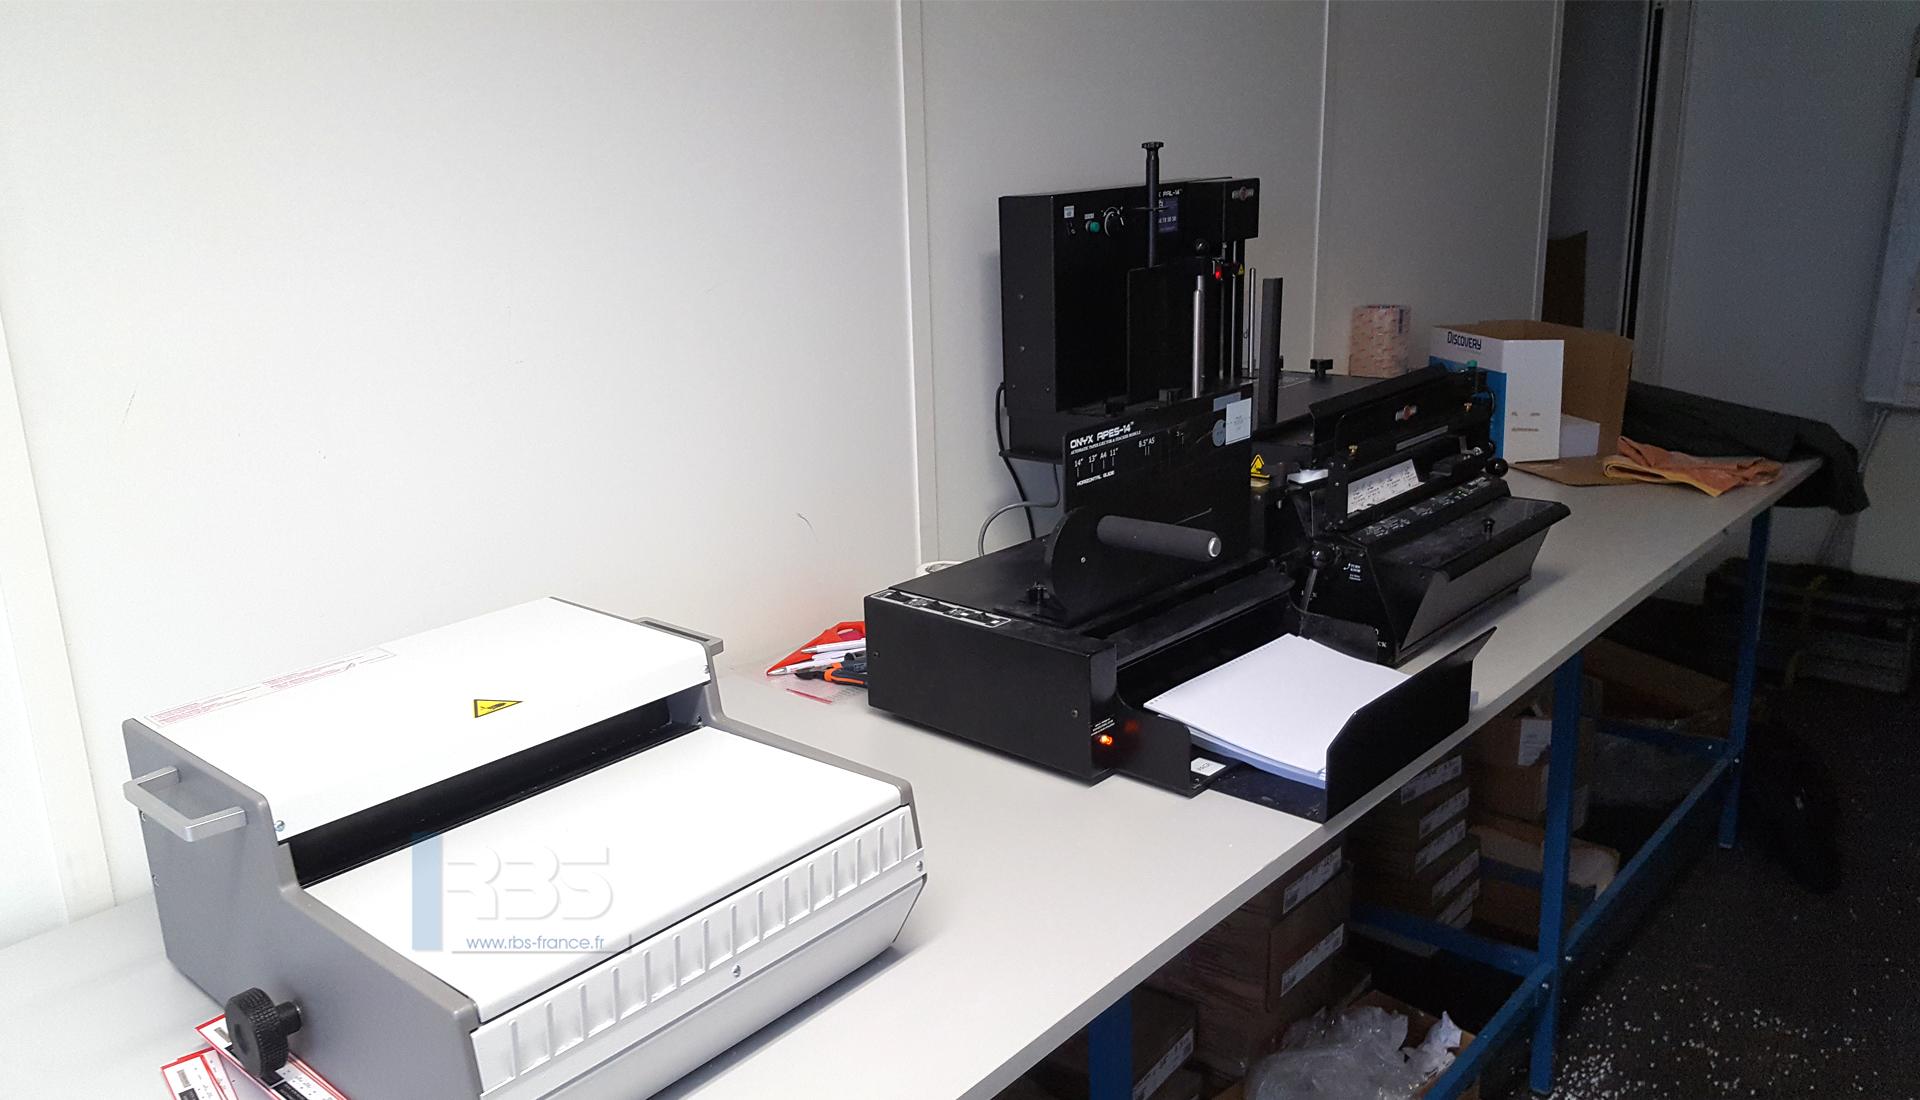 Module De Reliure Automatique 3 En 1 Pps Onyx Hd 7700 Ultima Et Wbs 3600 En Atelier De Reprographie